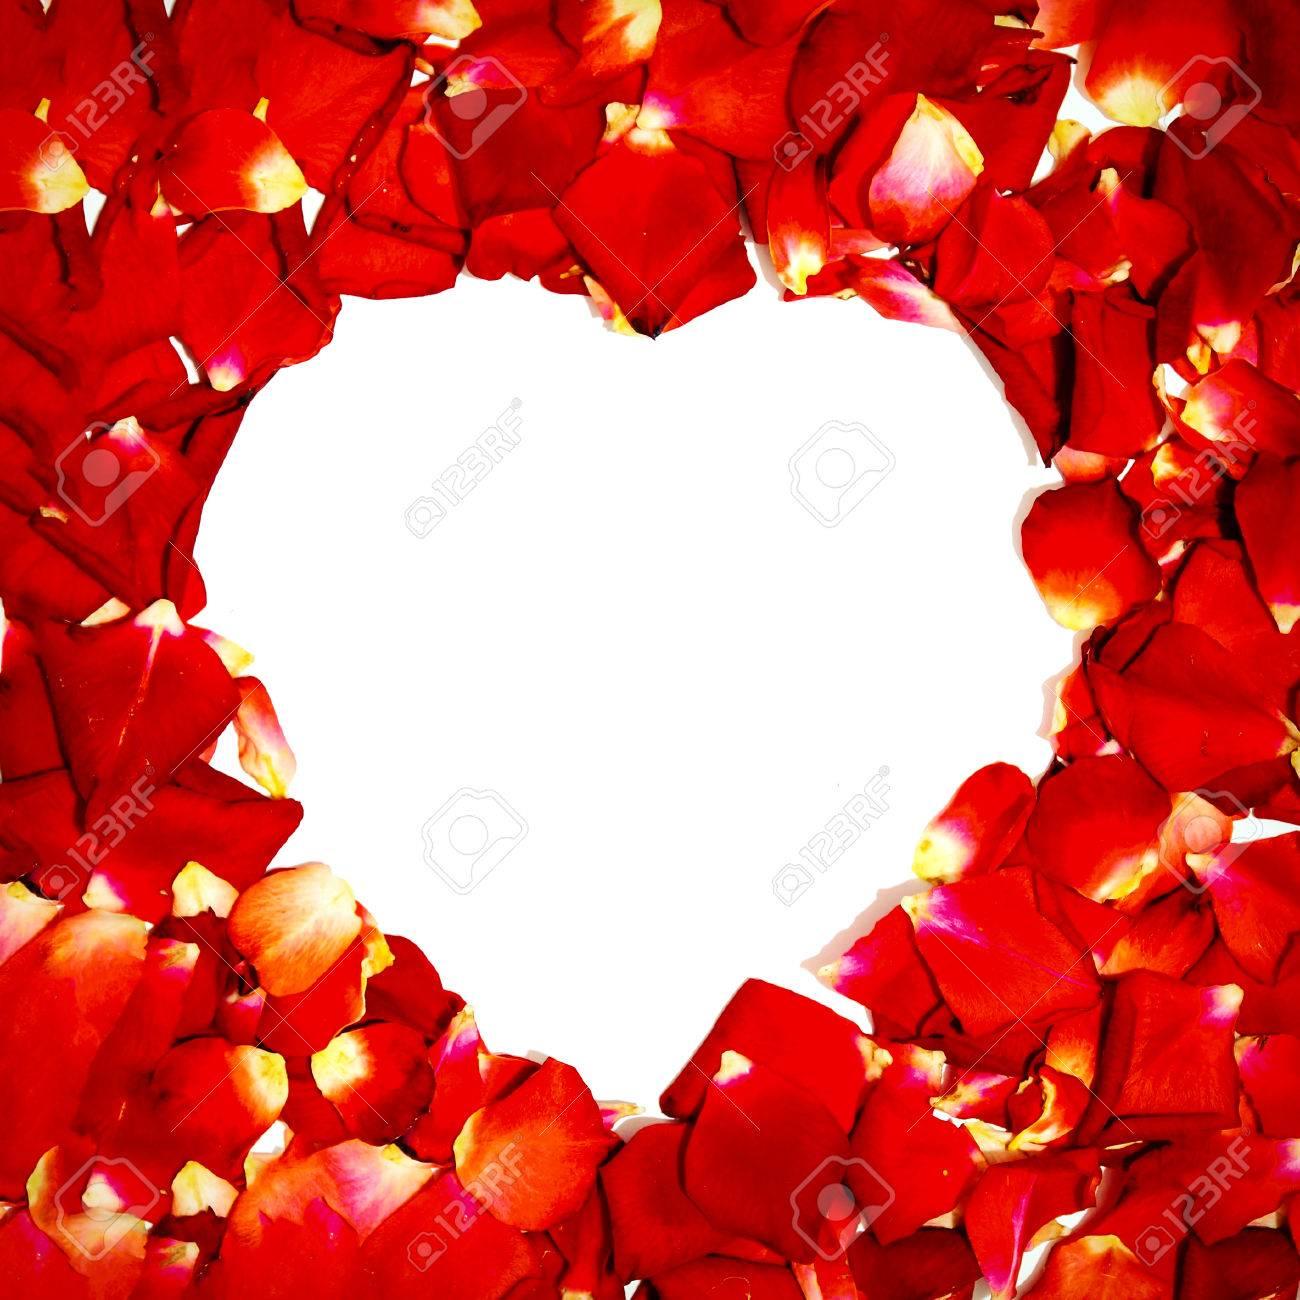 Contexte De La Belle Rose Rouge Petales Coeur D Amour Banque D